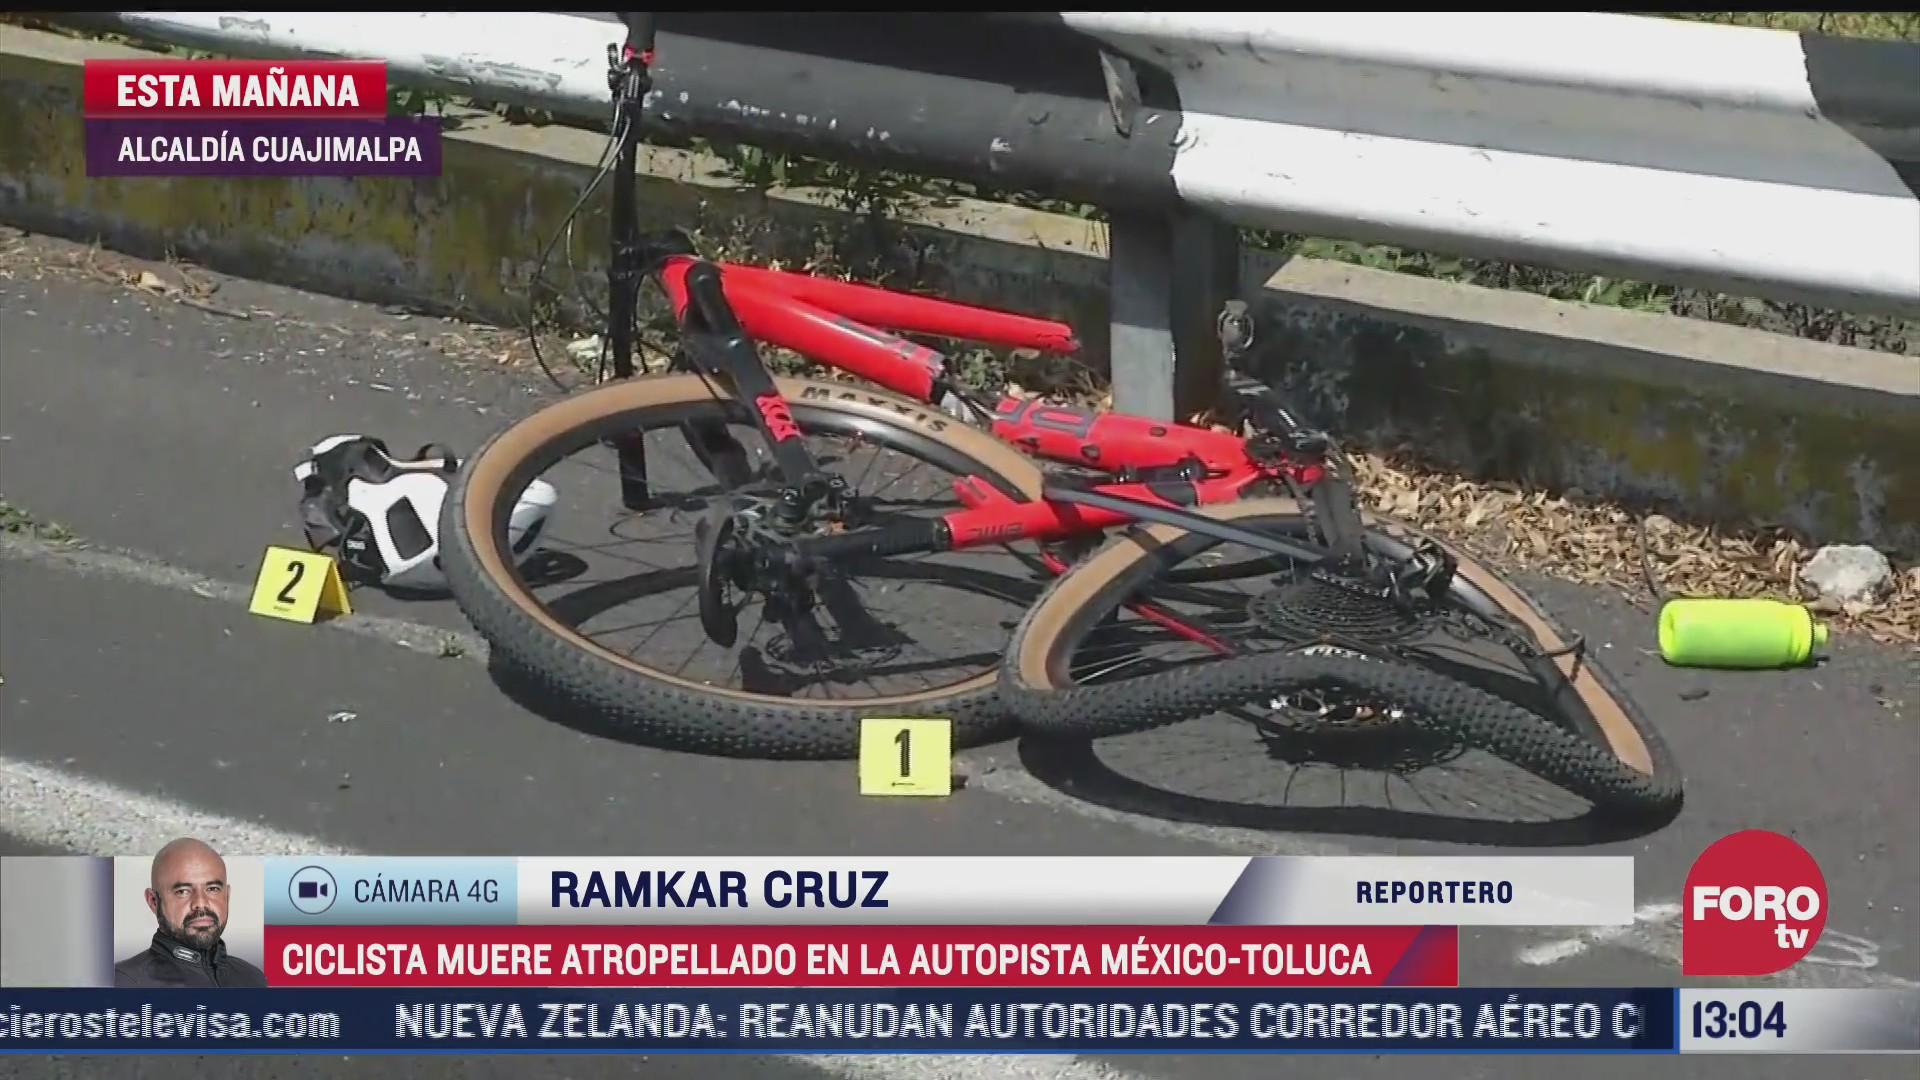 cCiclista muere atropellado en la autopista México-Toluca